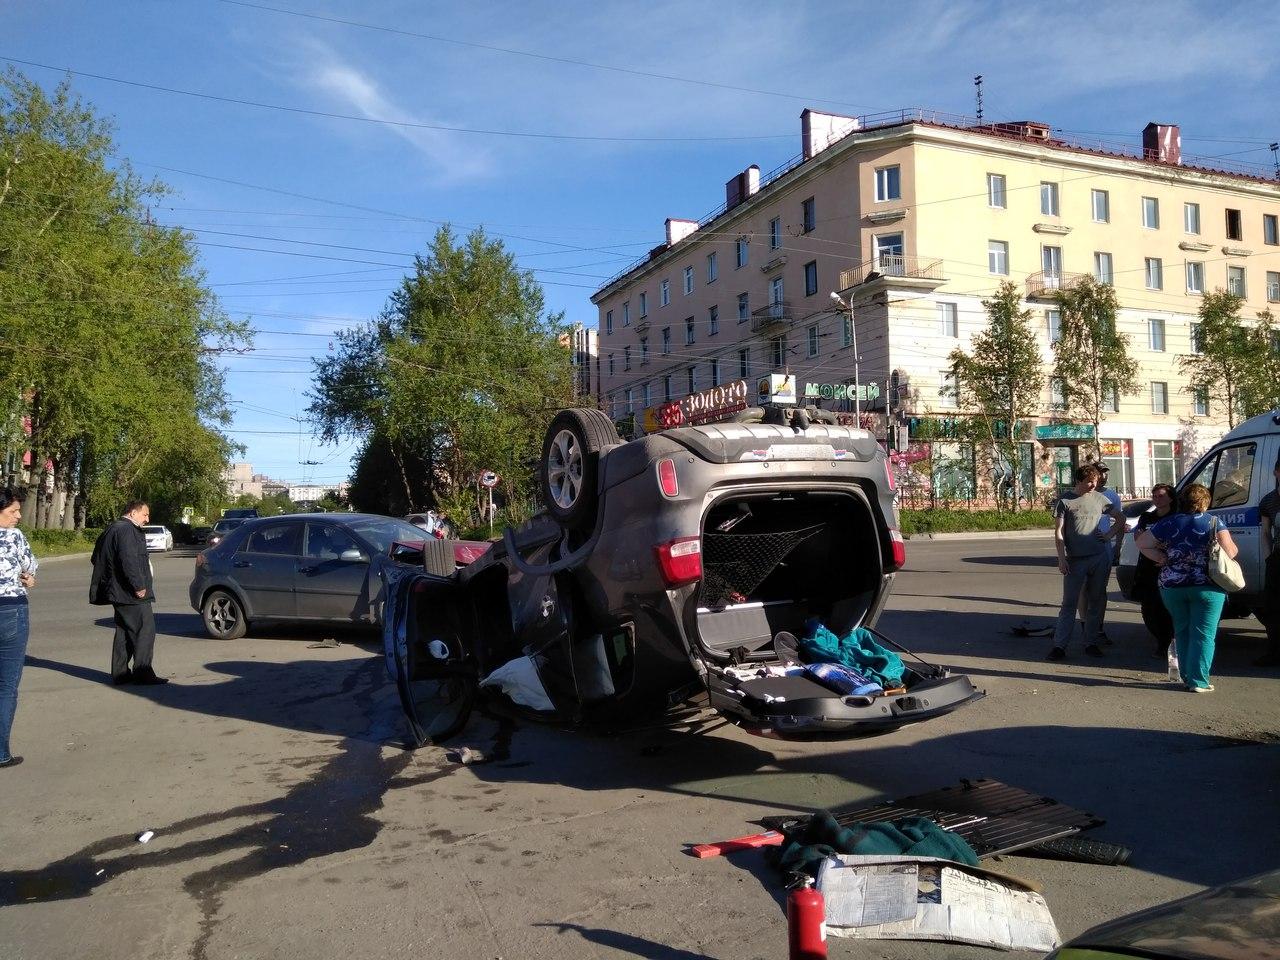 В центре Мурманска перевернулся  автомобиль с ребенком